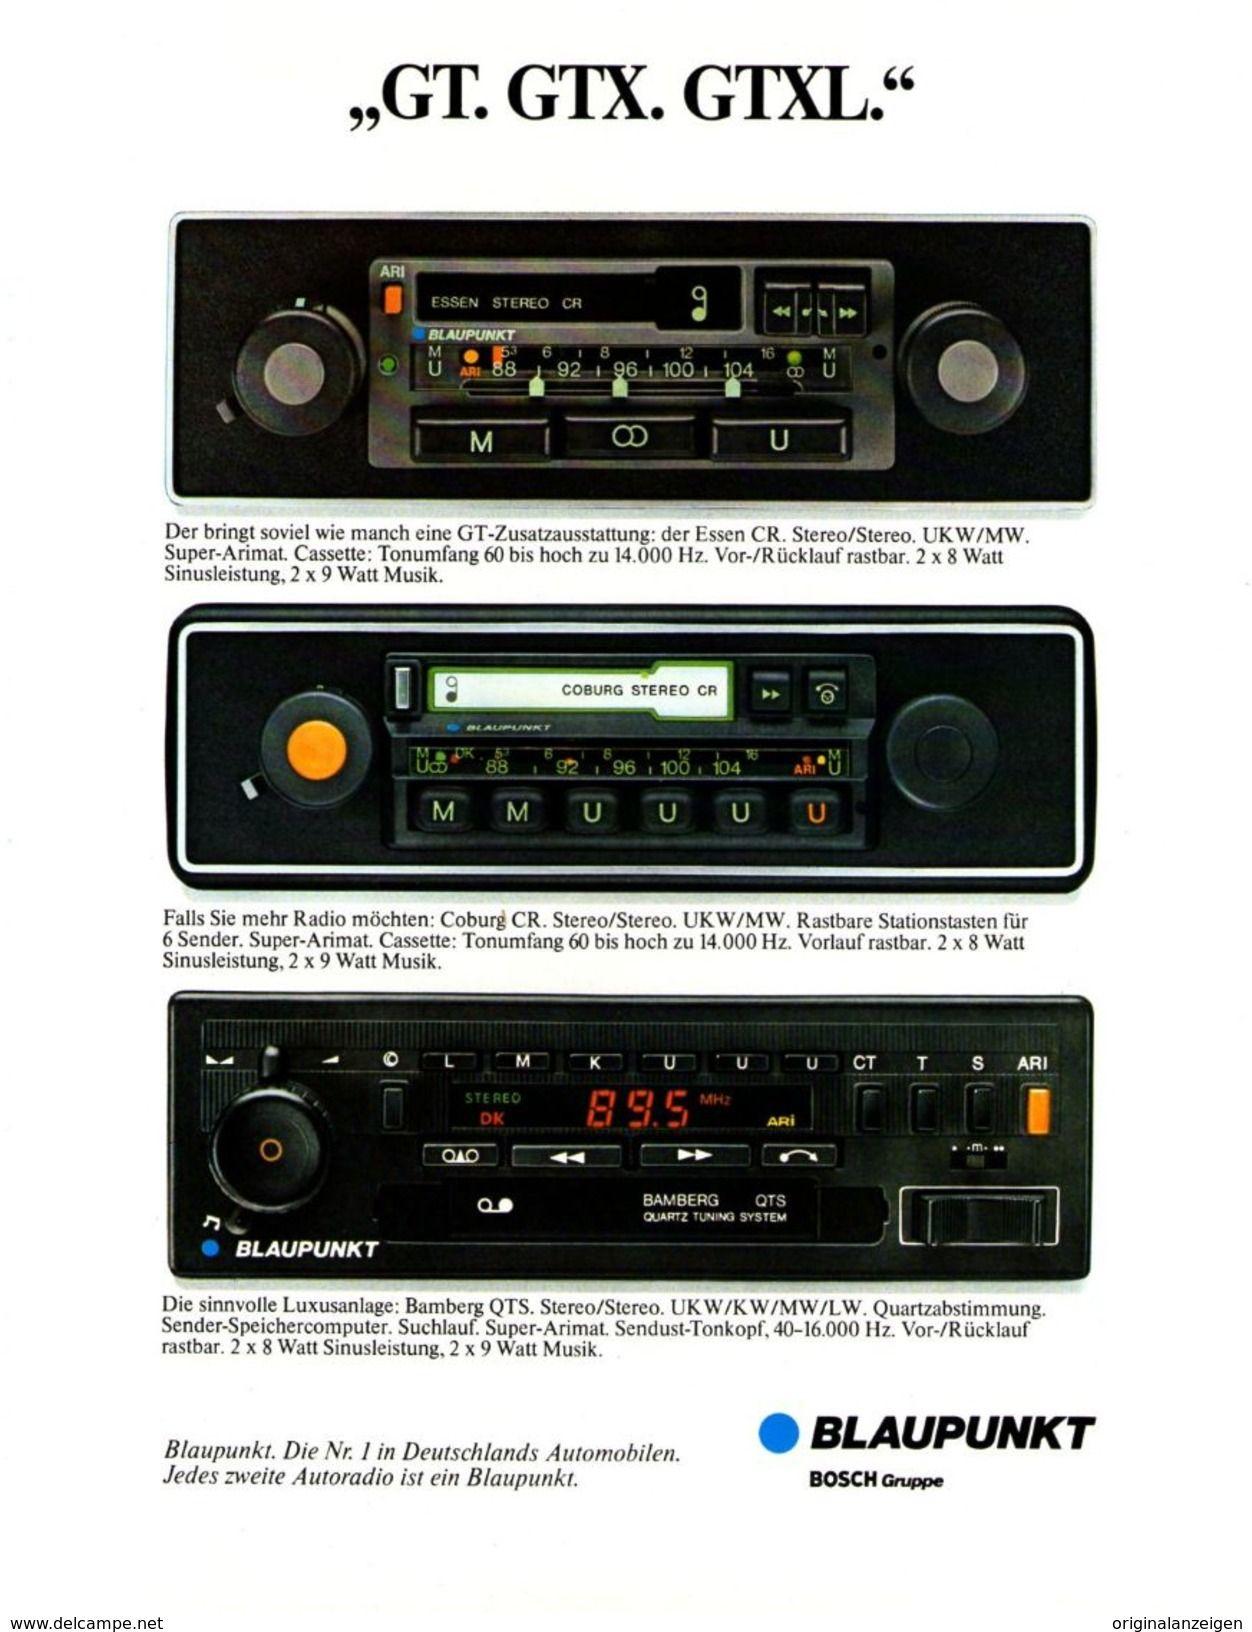 Original Werbung Anzeige 1980 Blaupunkt Autoradios Auto Hifi Ca 180 X 240 Mm Werbung Carros Som Automotivo Carro Brasileiros